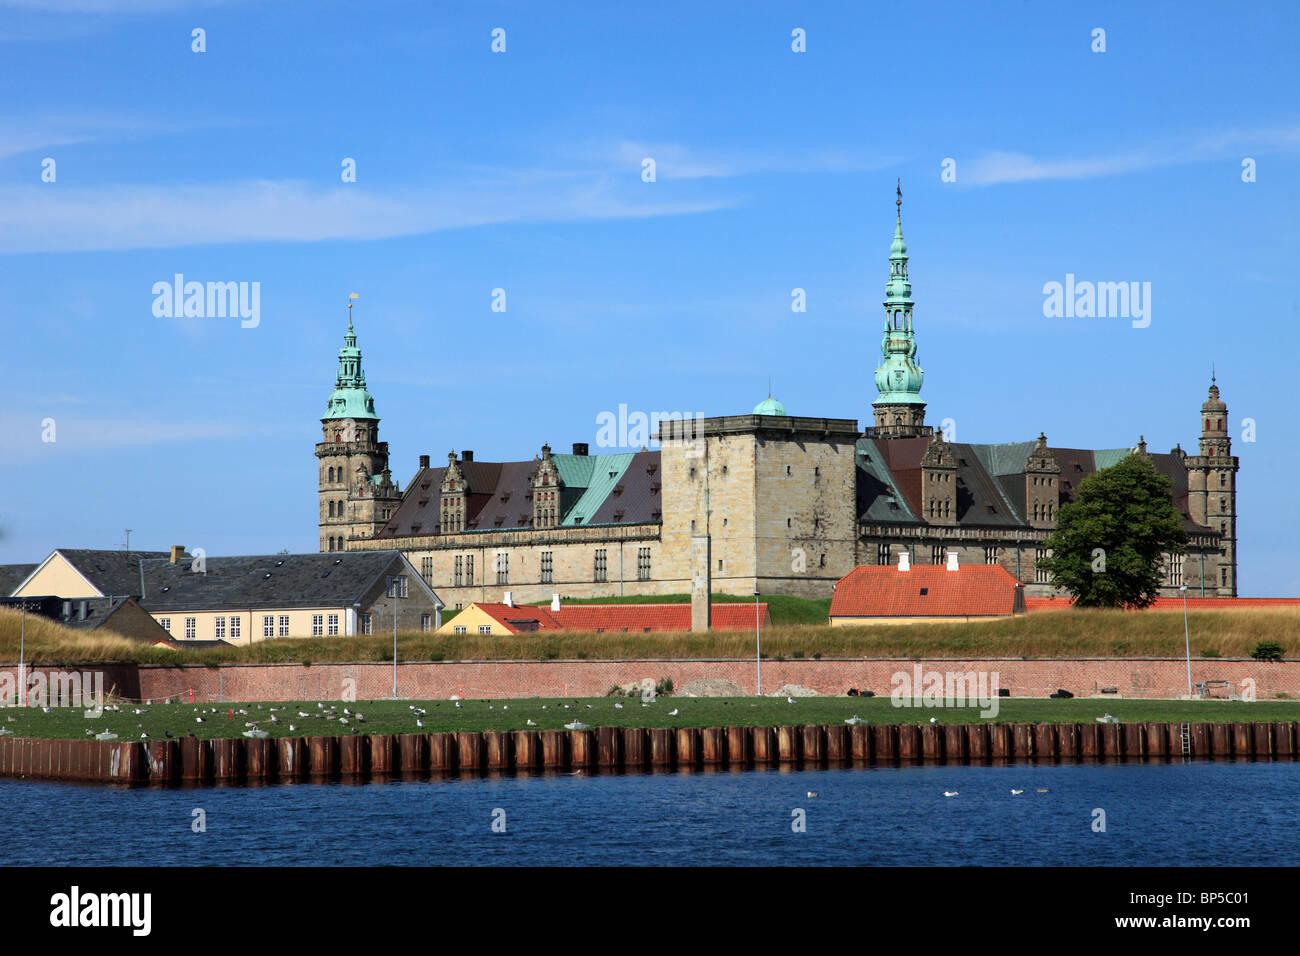 Denmark, Zealand, Helsingor, Kronborg Castle, - Stock Image